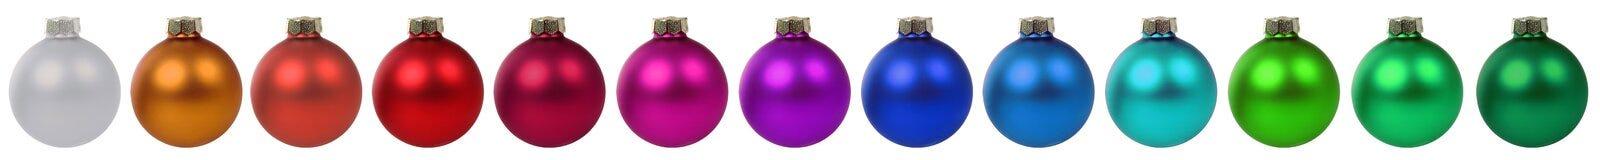 Красочный isol границы украшения безделушек шариков рождества в ряд Стоковое Изображение RF